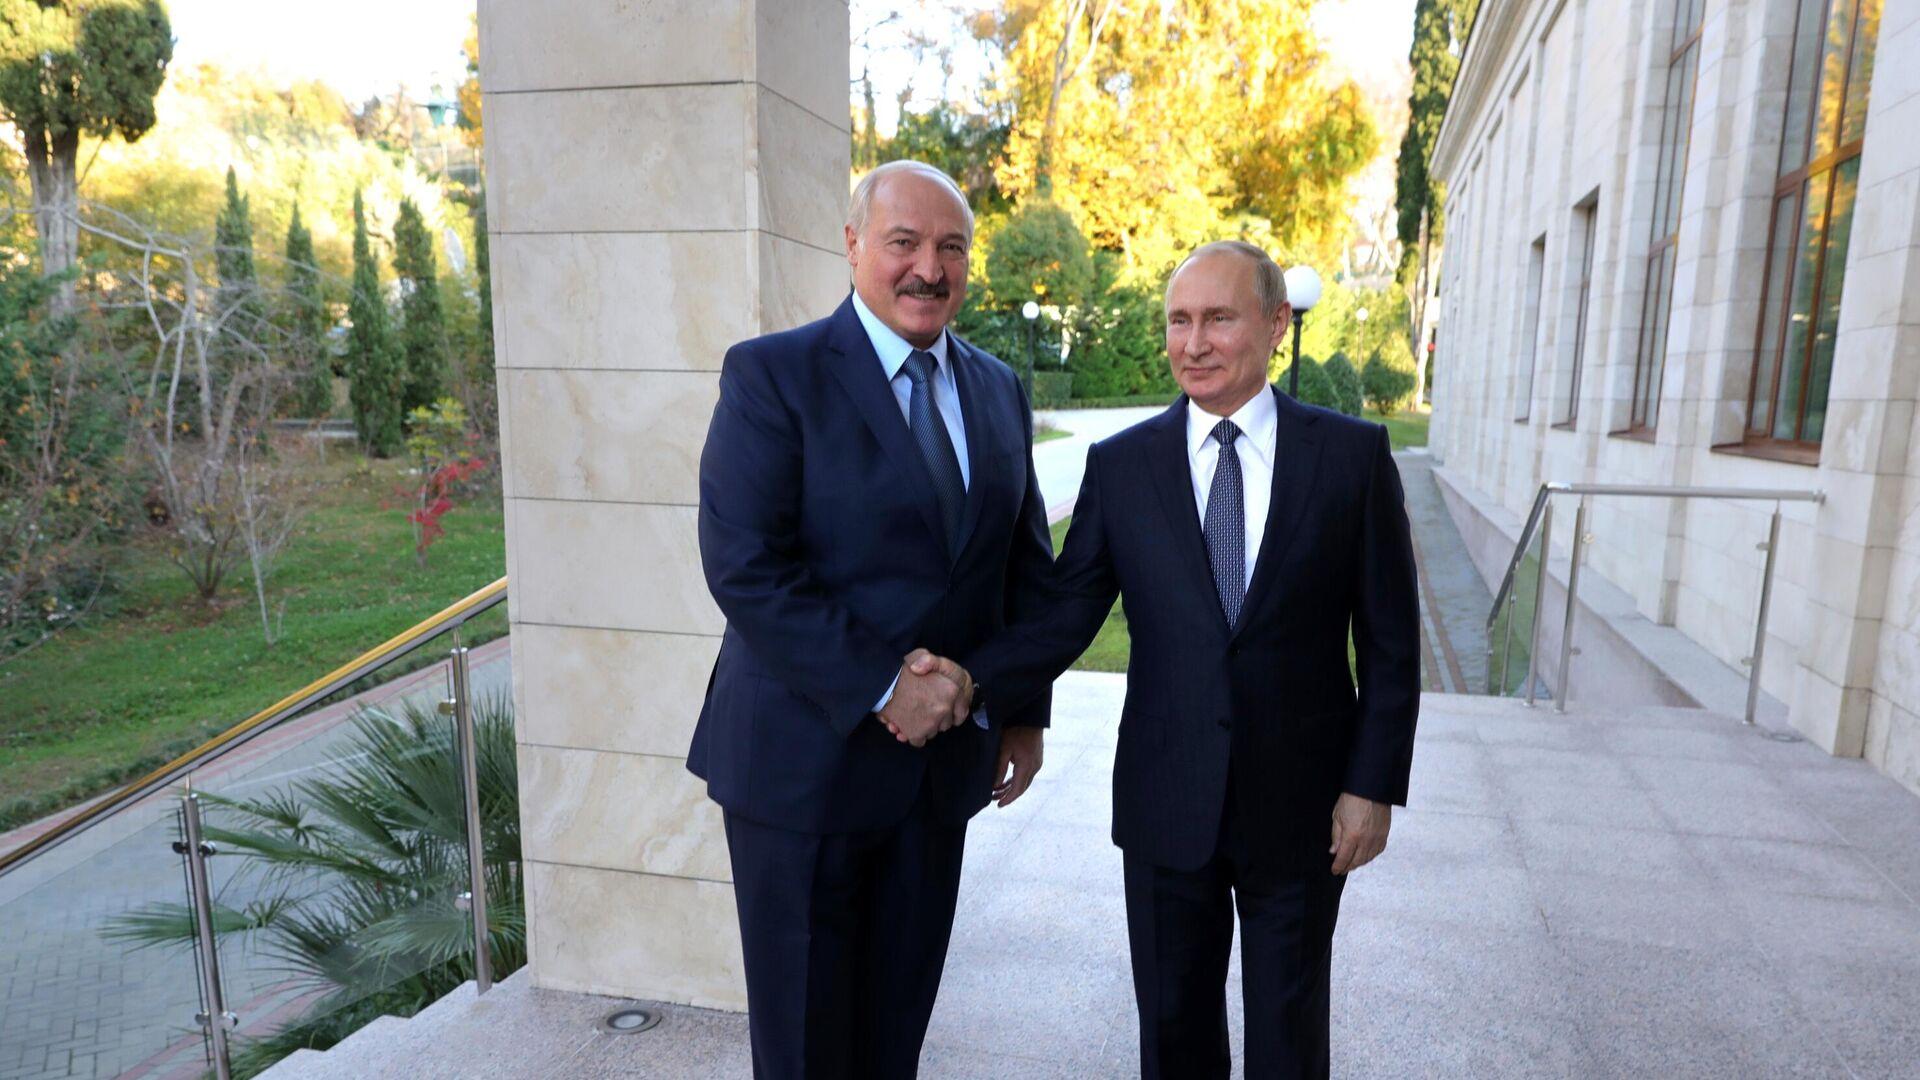 Встреча Путина и Лукашенко состоится в Сочи - РИА Новости, 11.09.2020